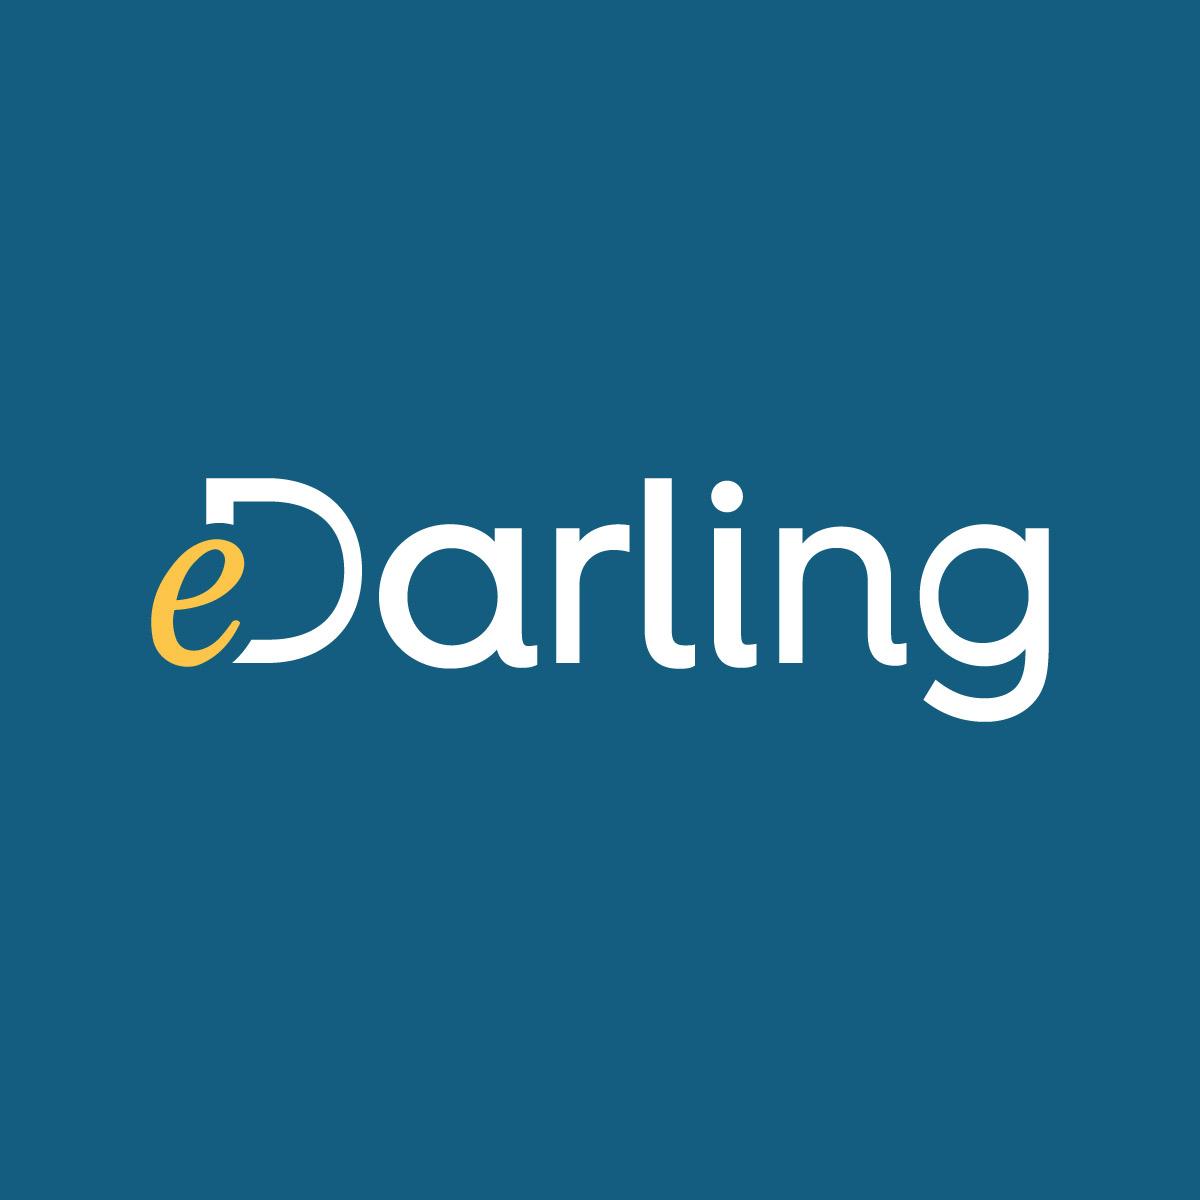 Comment contacter eDarling ?